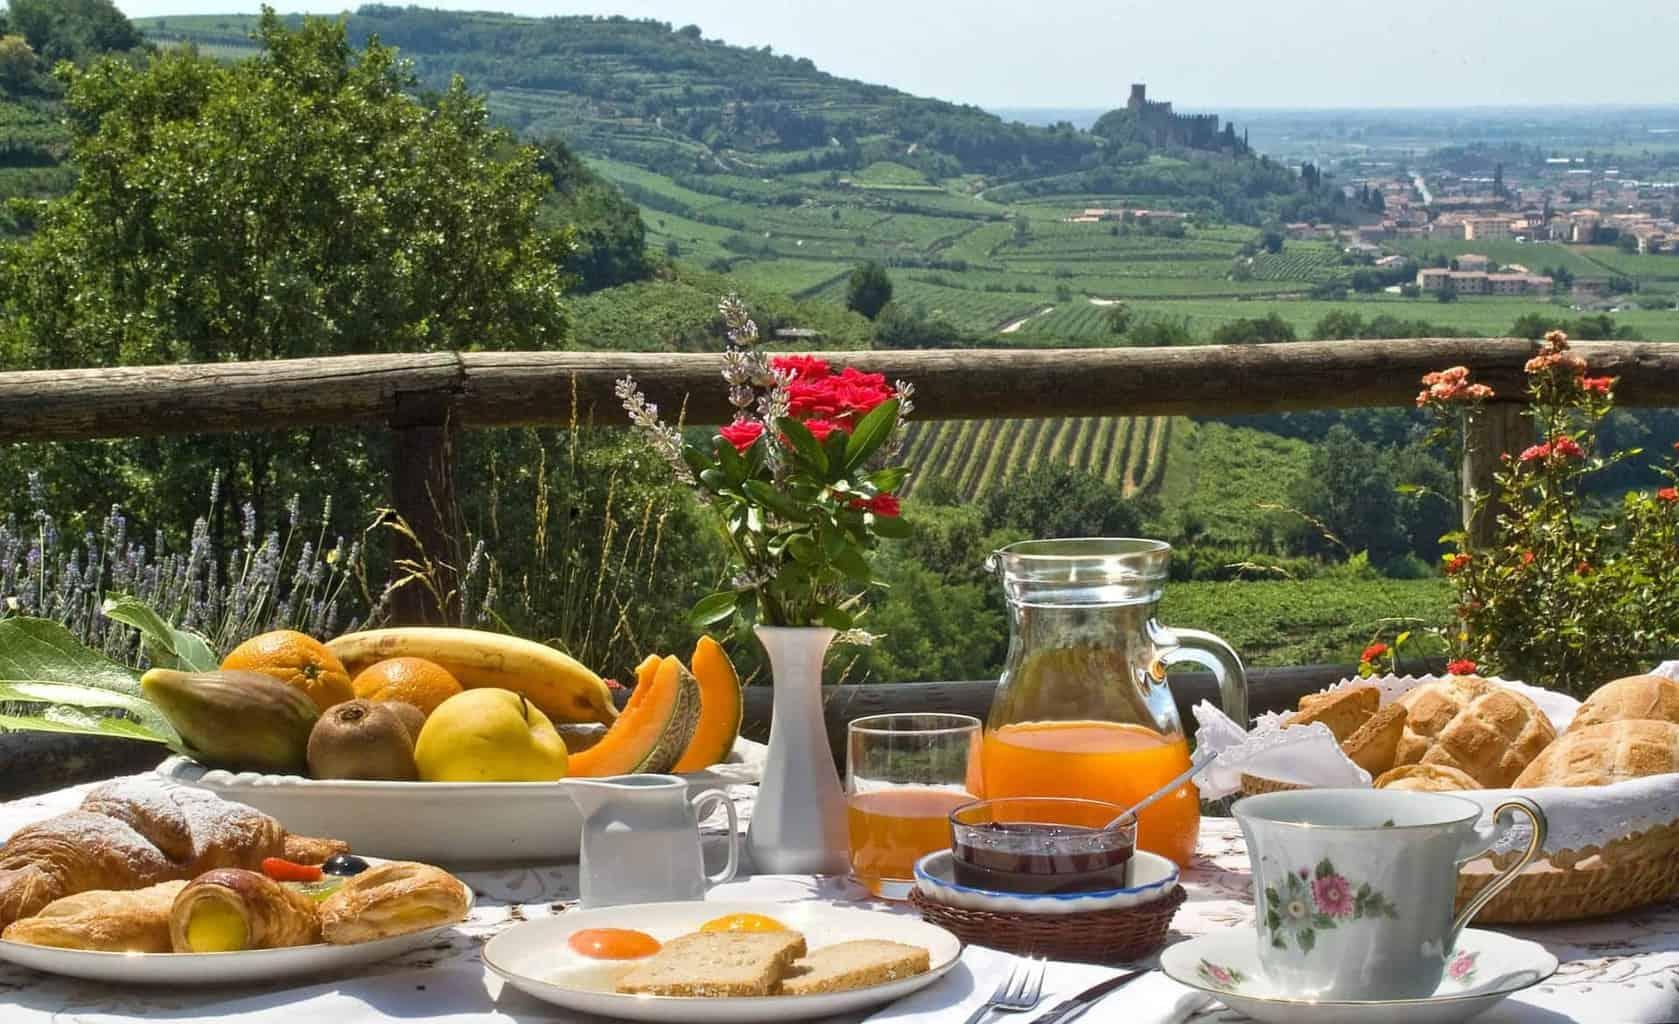 Turisno del Vino e gastronomia